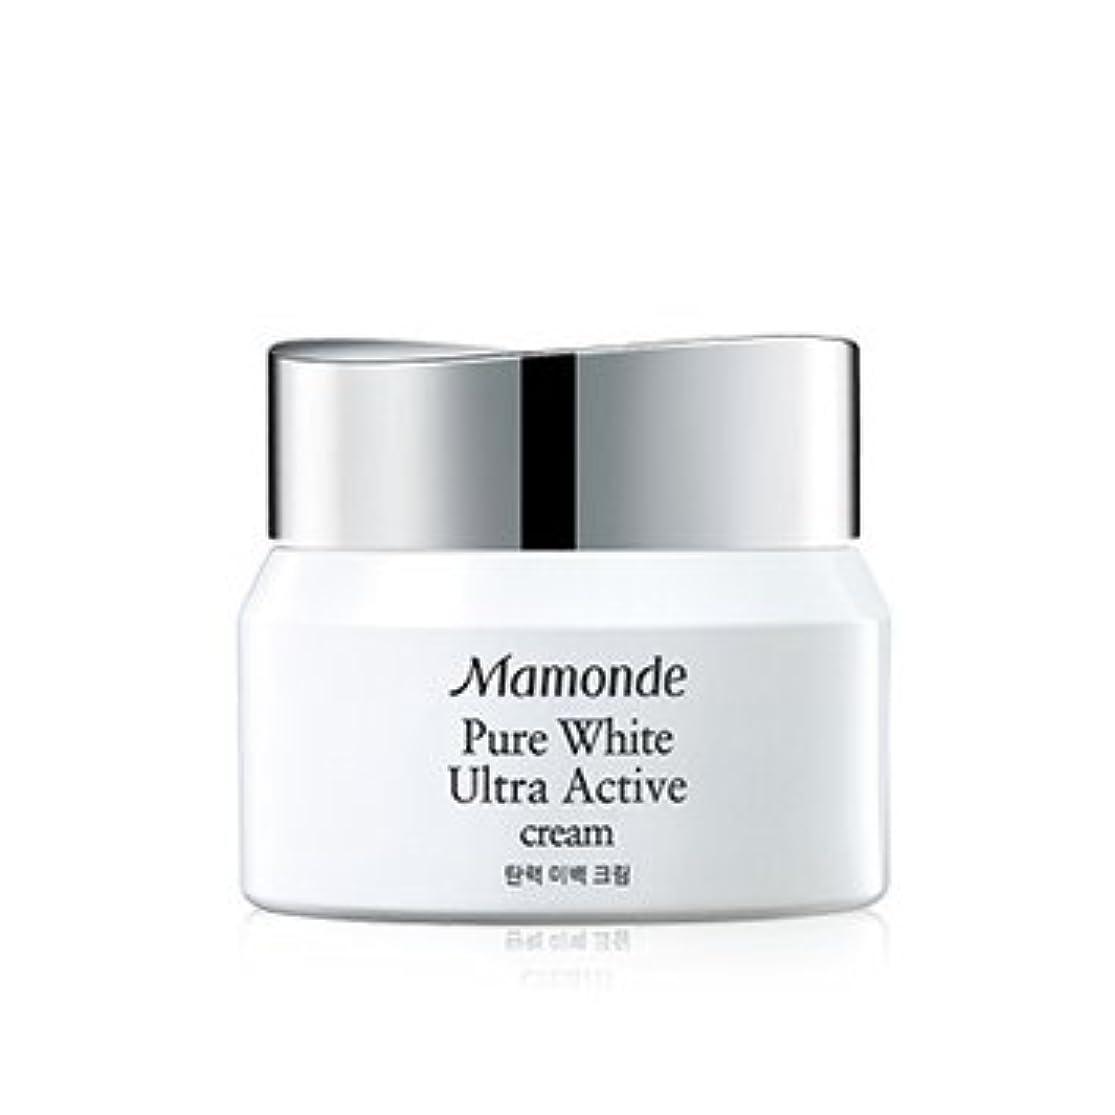 似ている塩ベーカリーMamonde Pure White Ultra Active Cream 50ml/マモンド ピュア ホワイト ウルトラ アクティブ クリーム 50ml [並行輸入品]